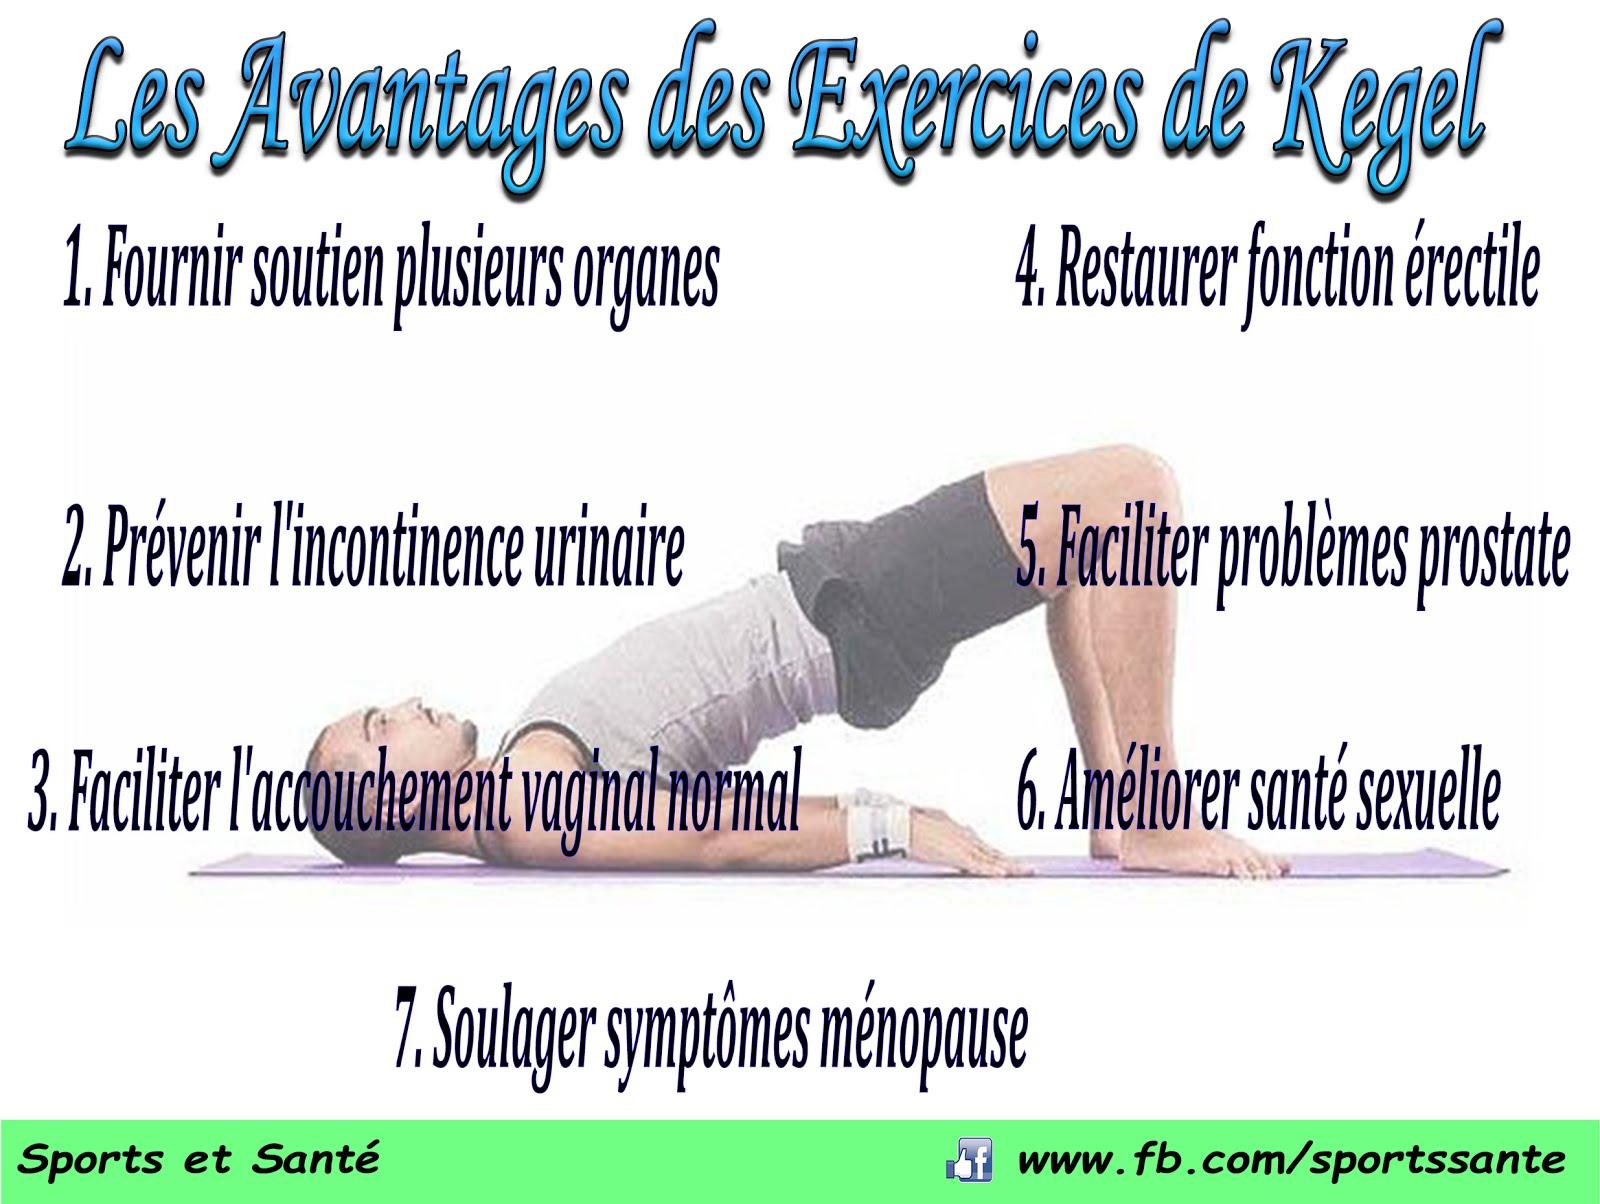 Les Avantages Des Exercices De Kegel Sports Et Sante